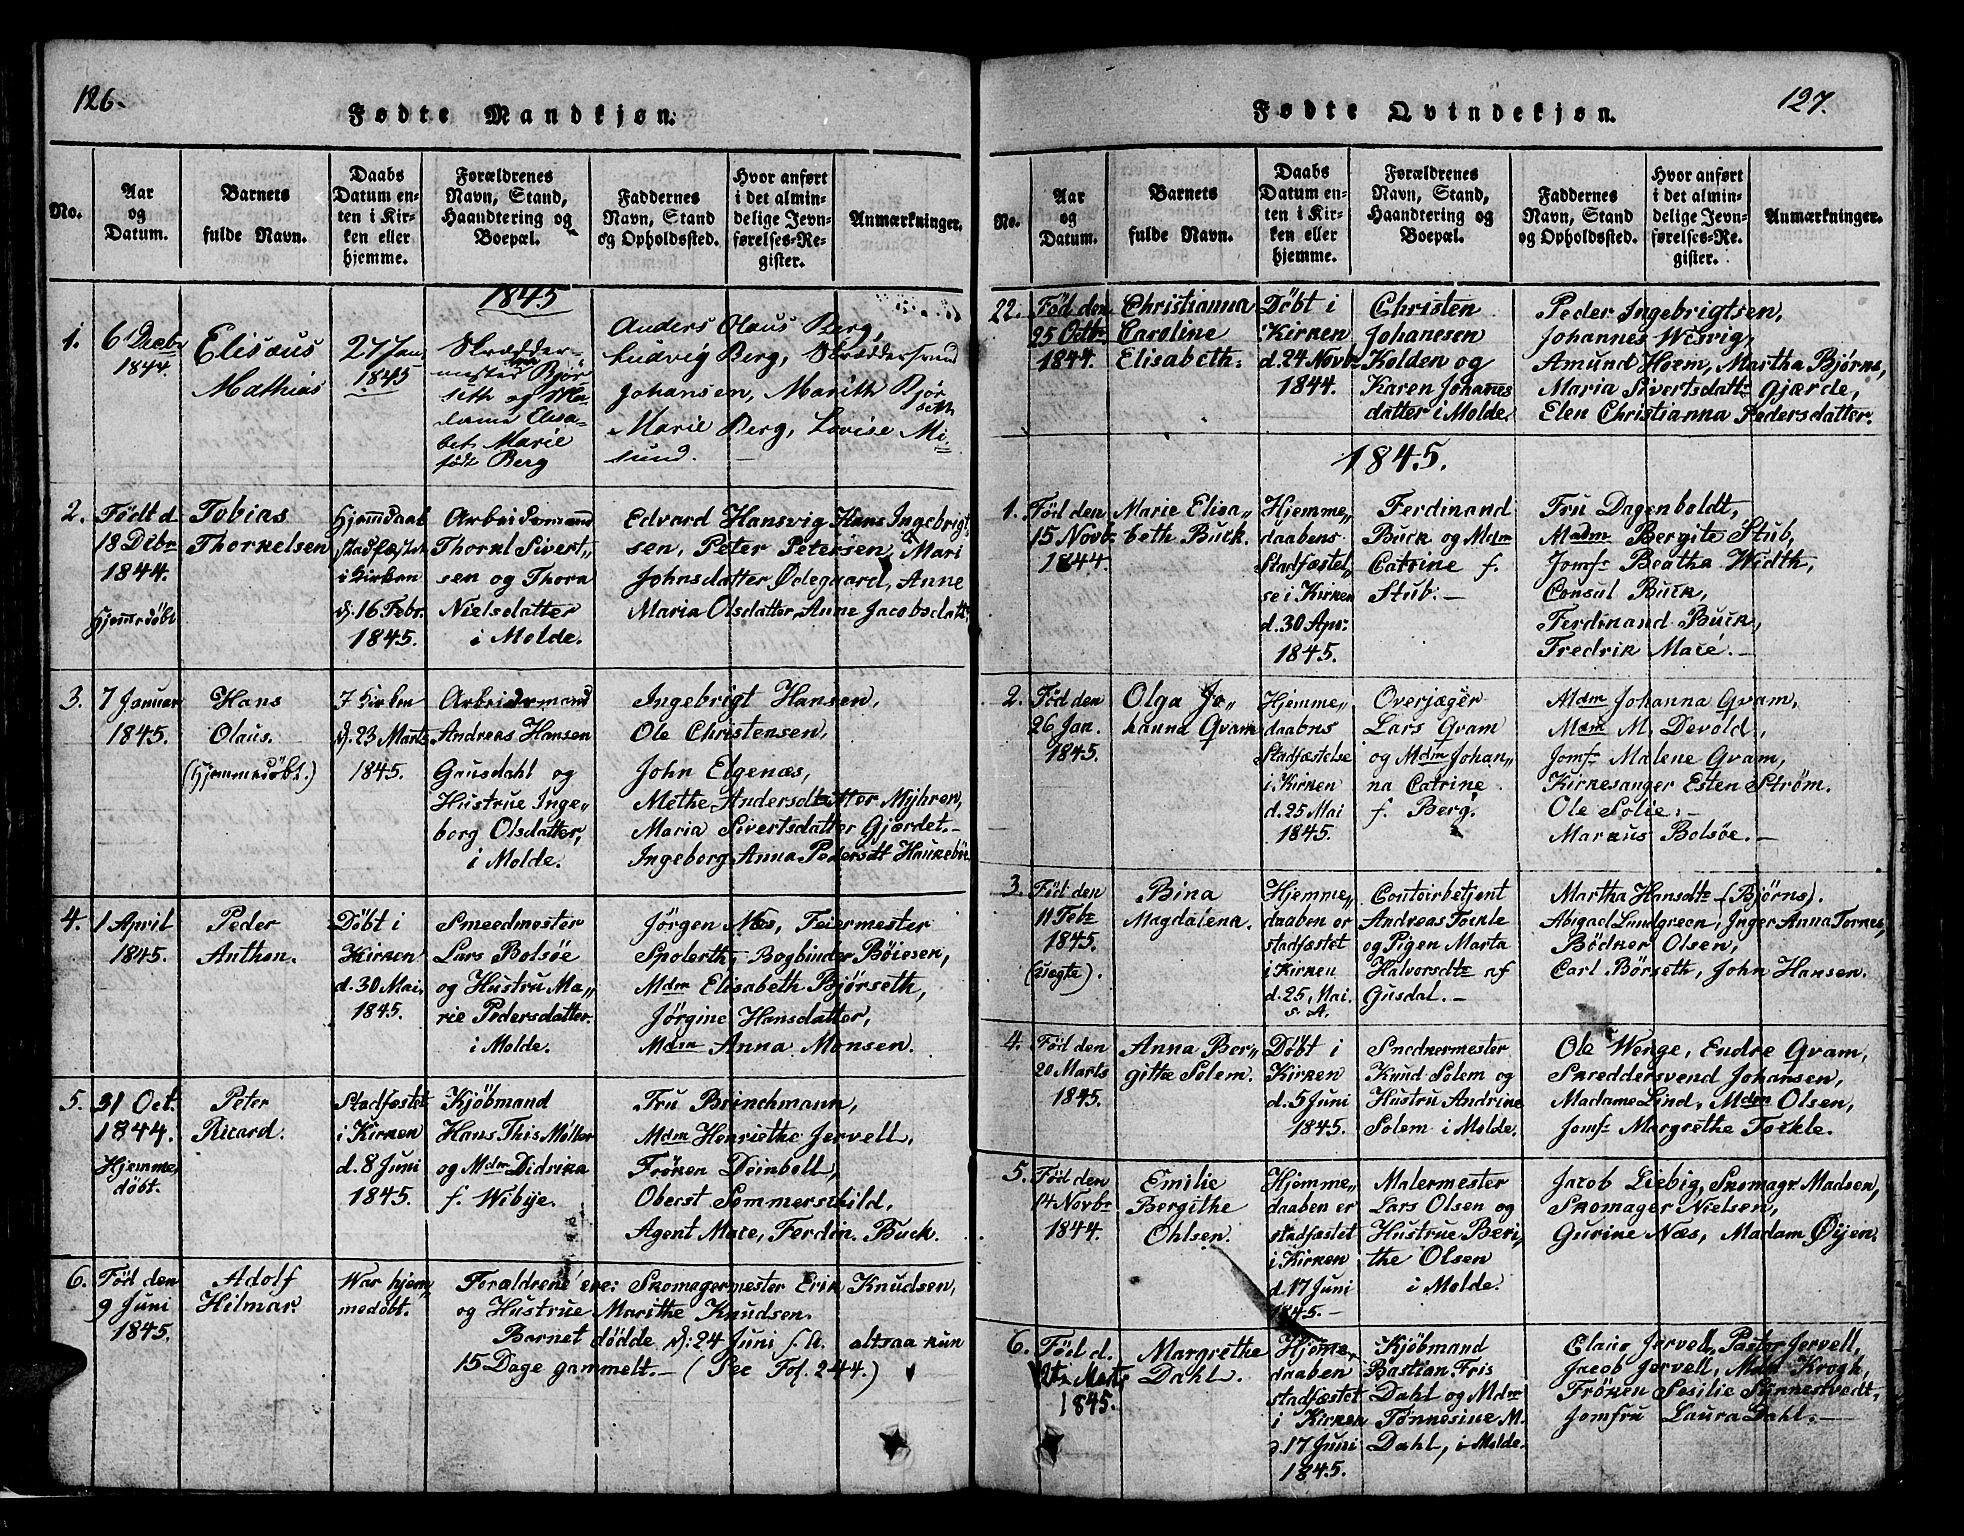 SAT, Ministerialprotokoller, klokkerbøker og fødselsregistre - Møre og Romsdal, 558/L0700: Klokkerbok nr. 558C01, 1818-1868, s. 126-127